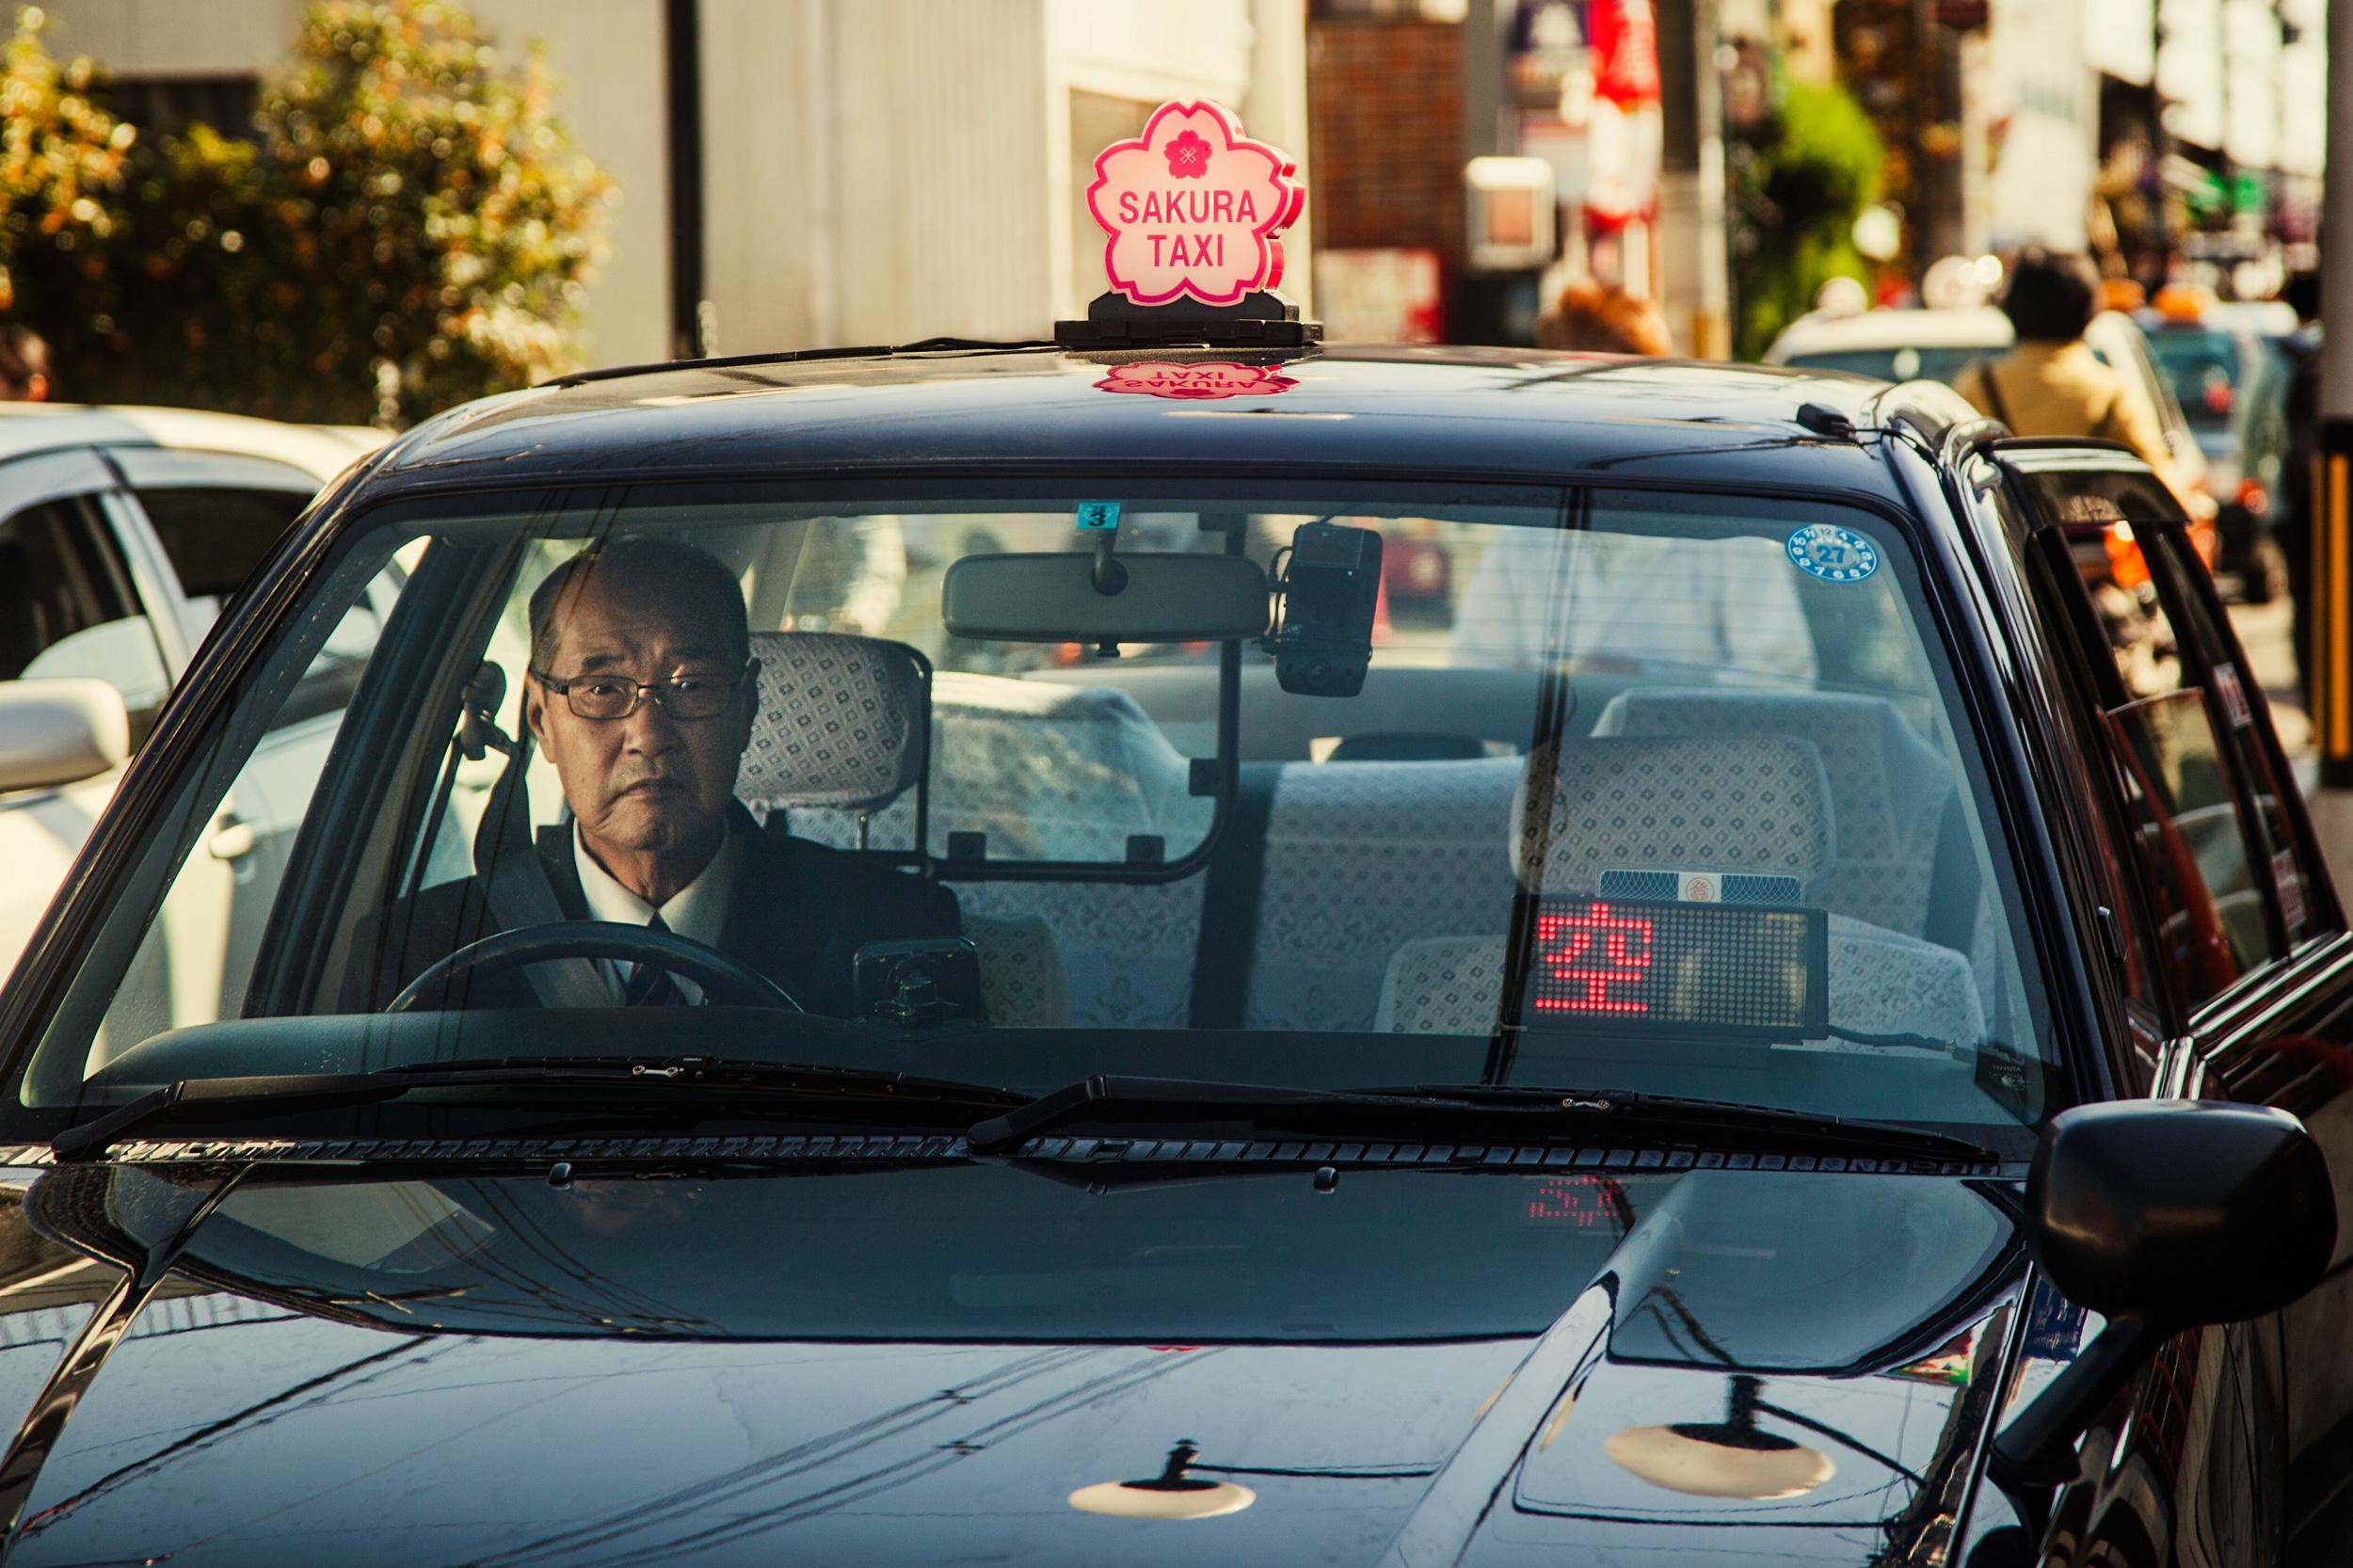 Sakura Taxi